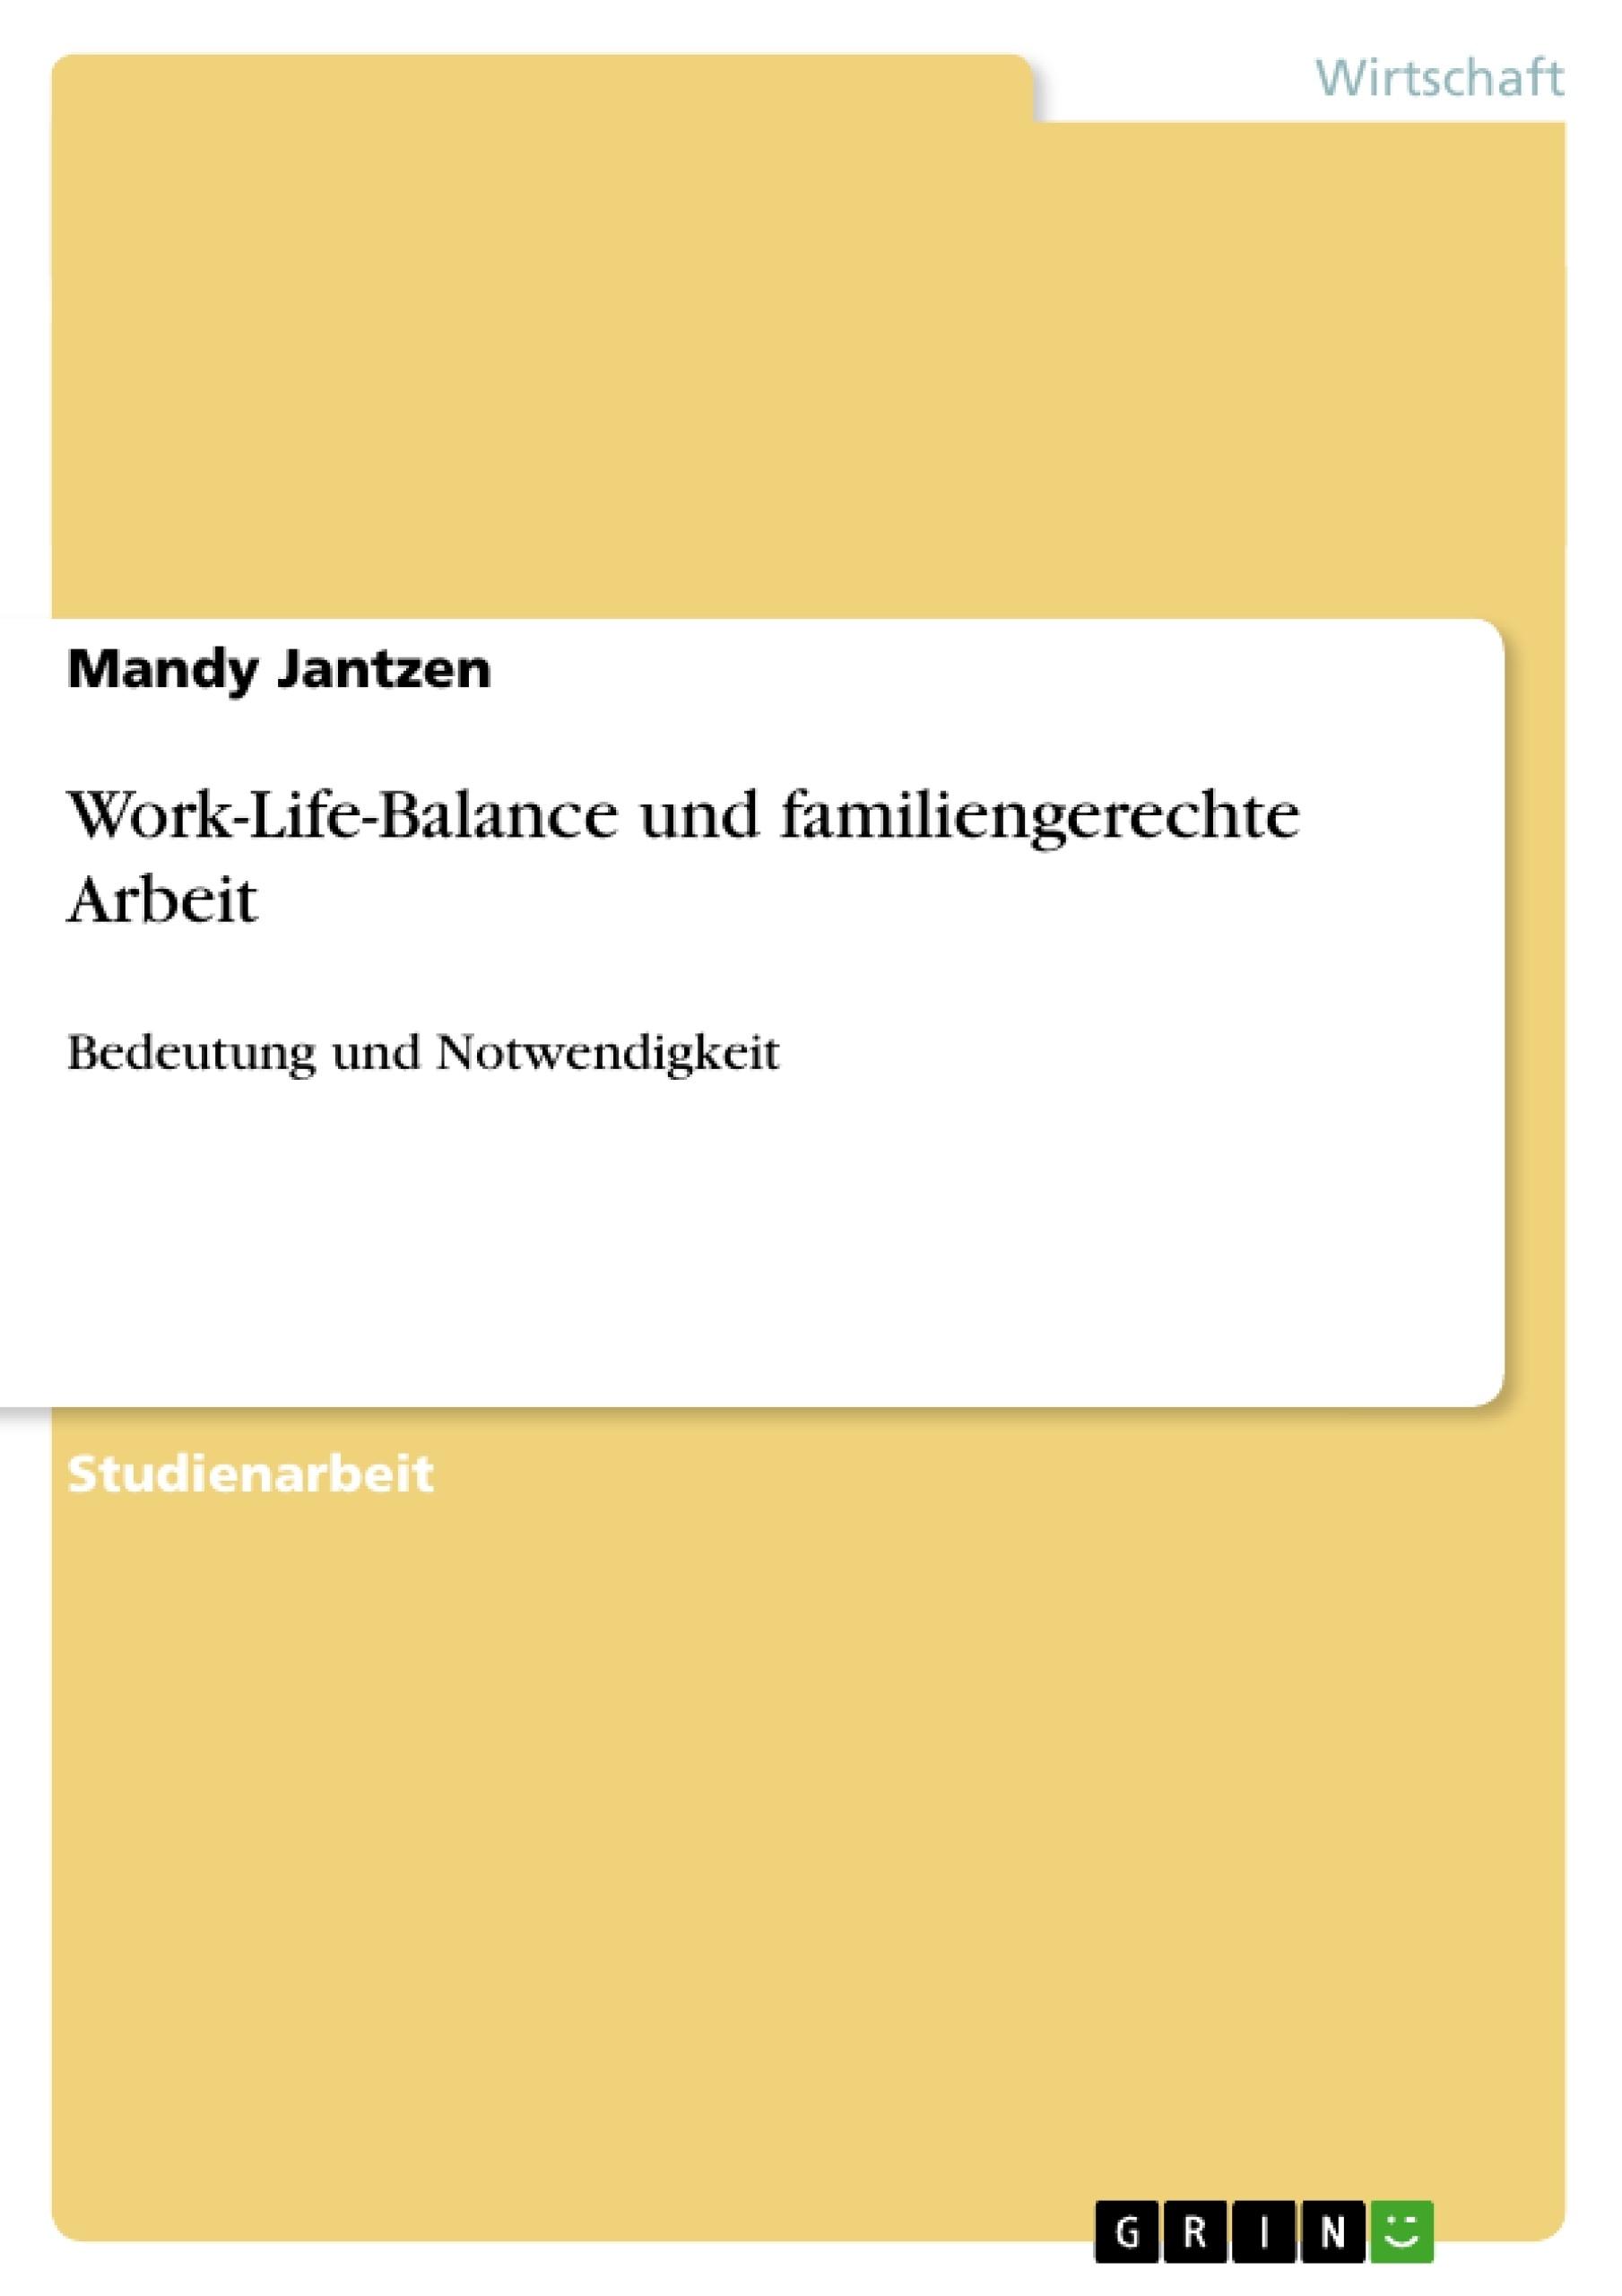 Titel: Work-Life-Balance und familiengerechte Arbeit